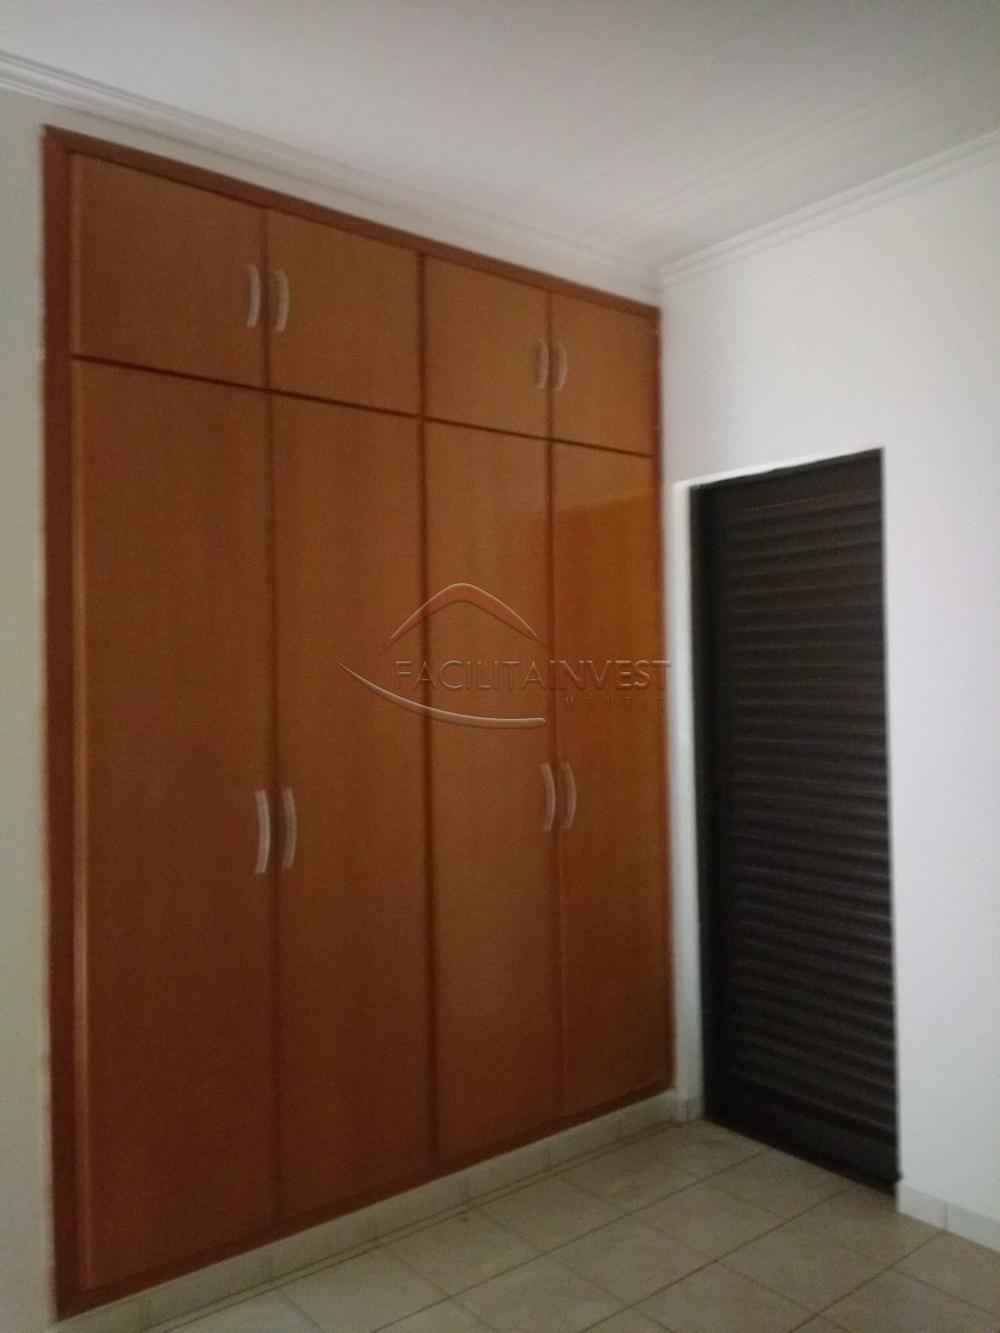 Alugar Apartamentos / Apart. Padrão em Ribeirão Preto apenas R$ 800,00 - Foto 2